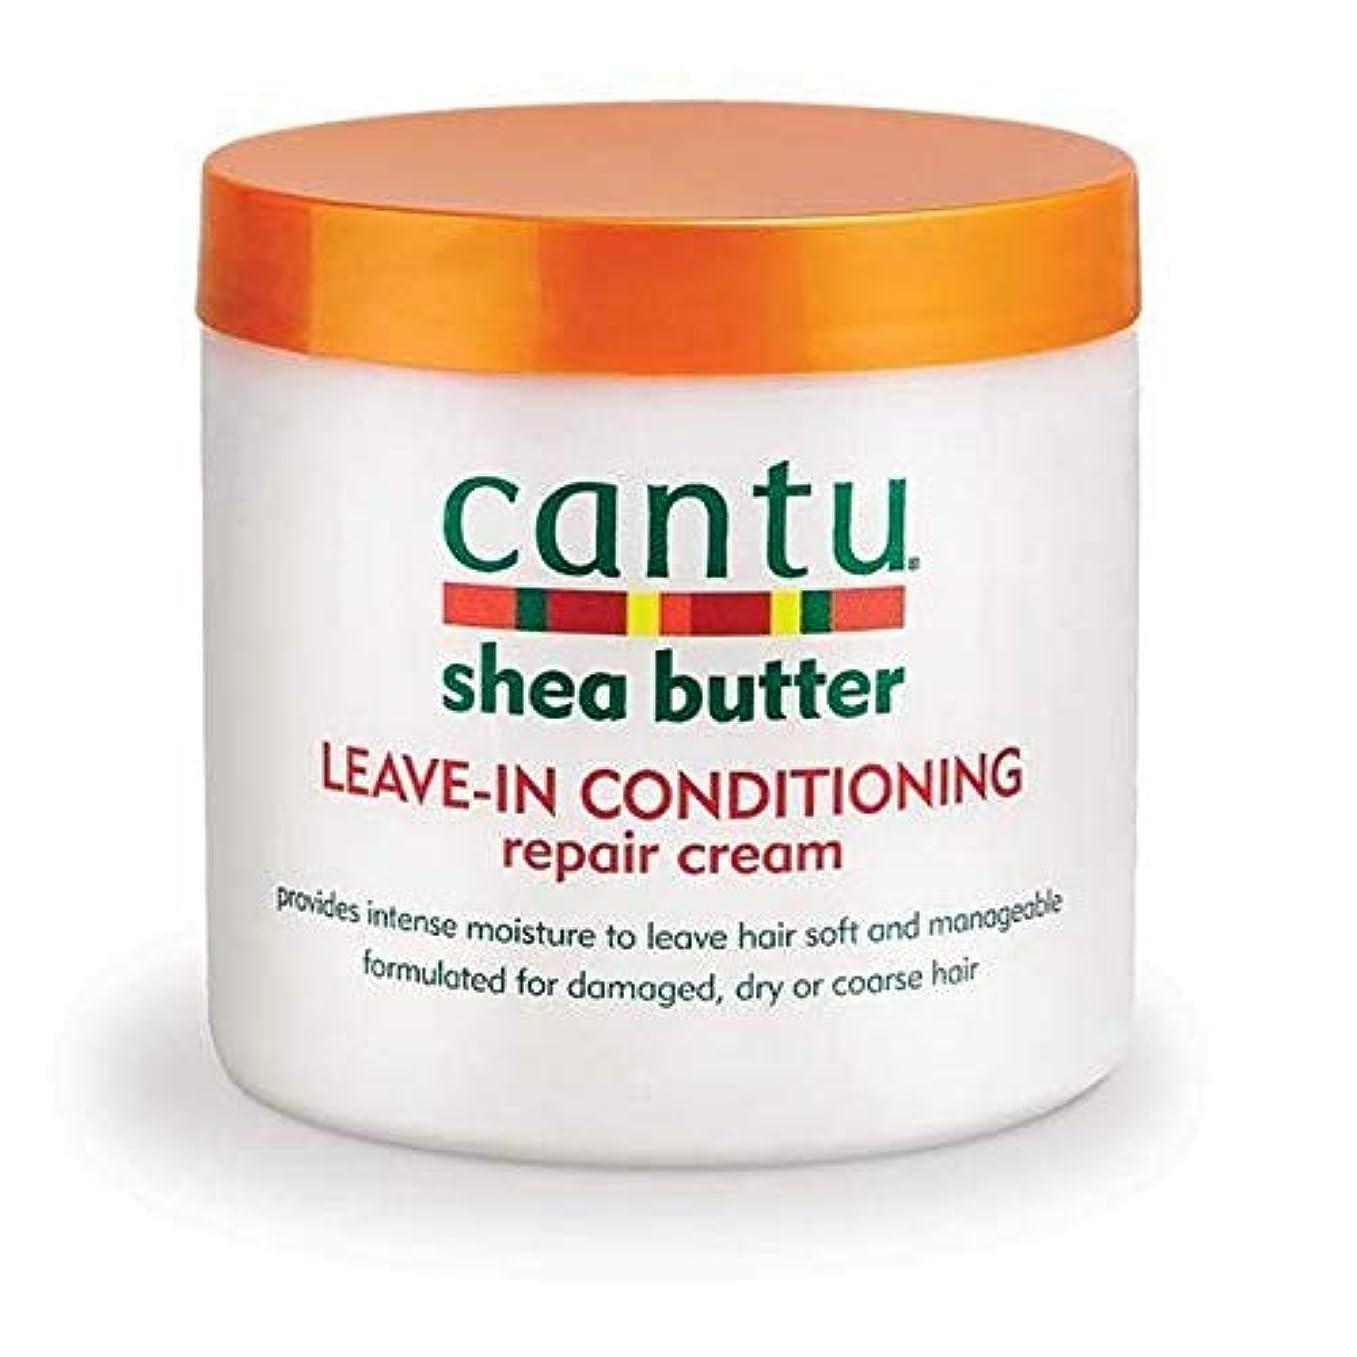 乱雑なすすり泣き大脳[Cantu ] エアコン修理クリーム453グラムでカントゥシアバター休暇 - Cantu Shea Butter Leave in Conditioning Repair Cream 453g [並行輸入品]